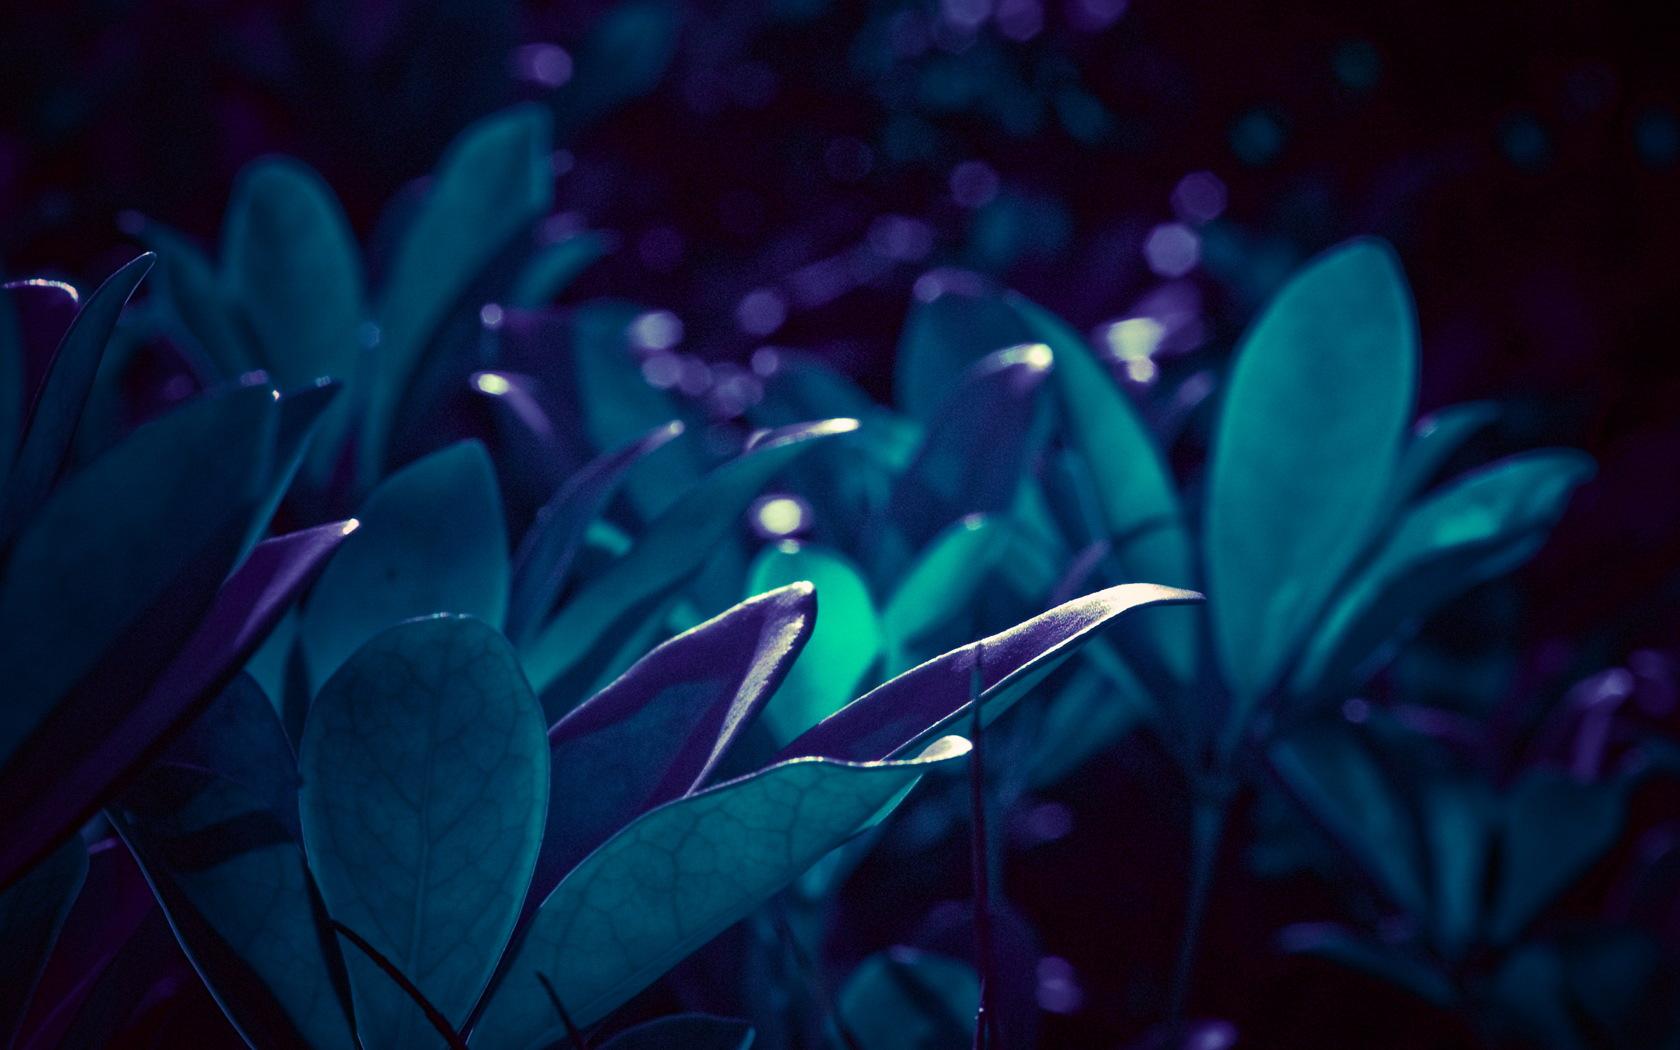 壁纸1680×1050高清宽屏植物壁纸壁纸 高清宽屏植物壁纸壁纸图片植物壁纸植物图片素材桌面壁纸